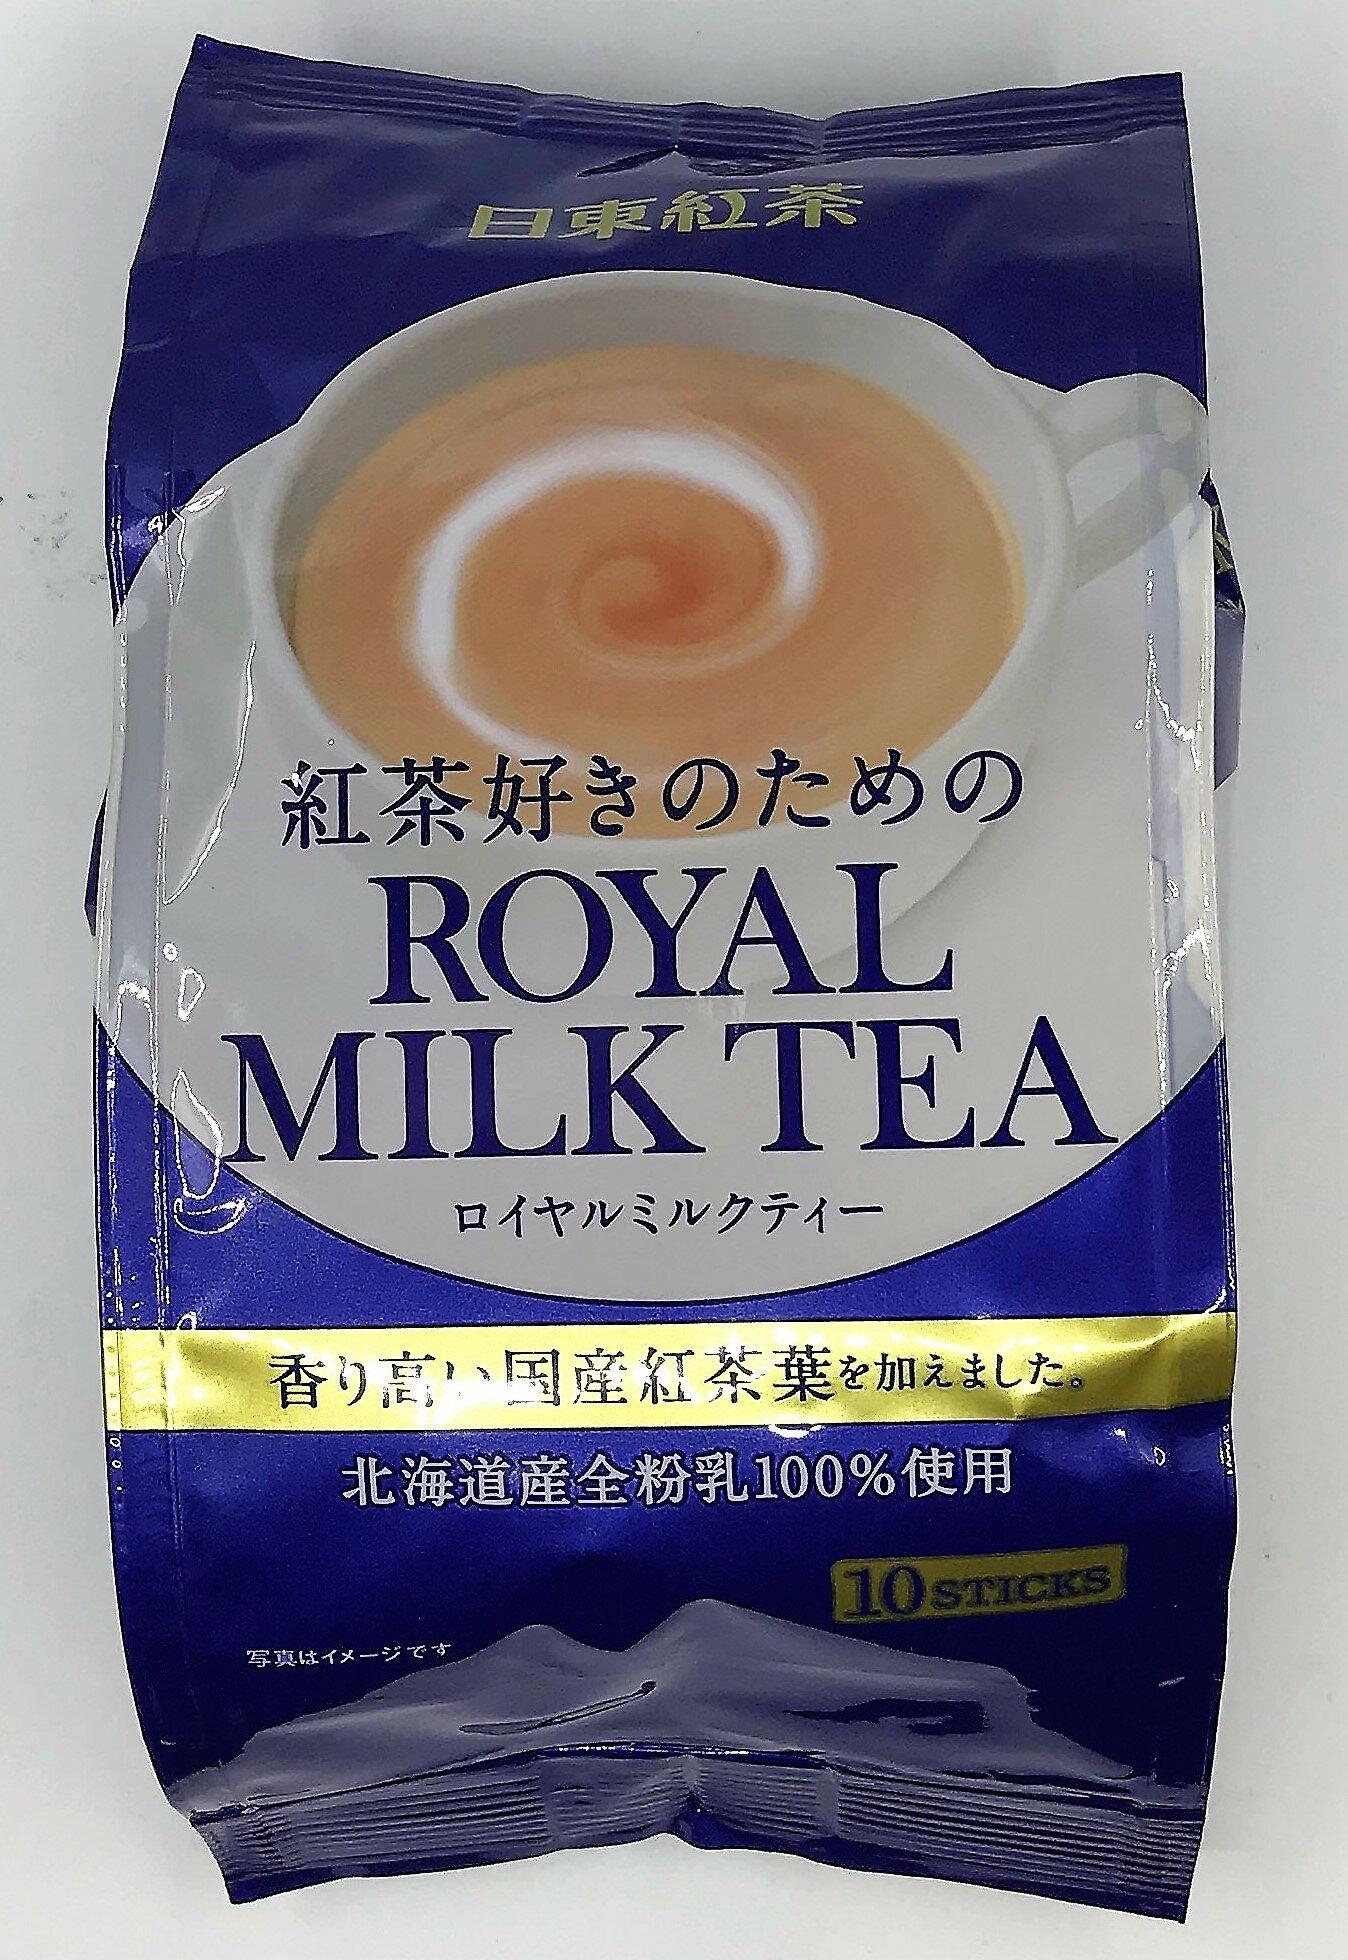 [哈日小丸子]日東皇家奶茶(10袋)